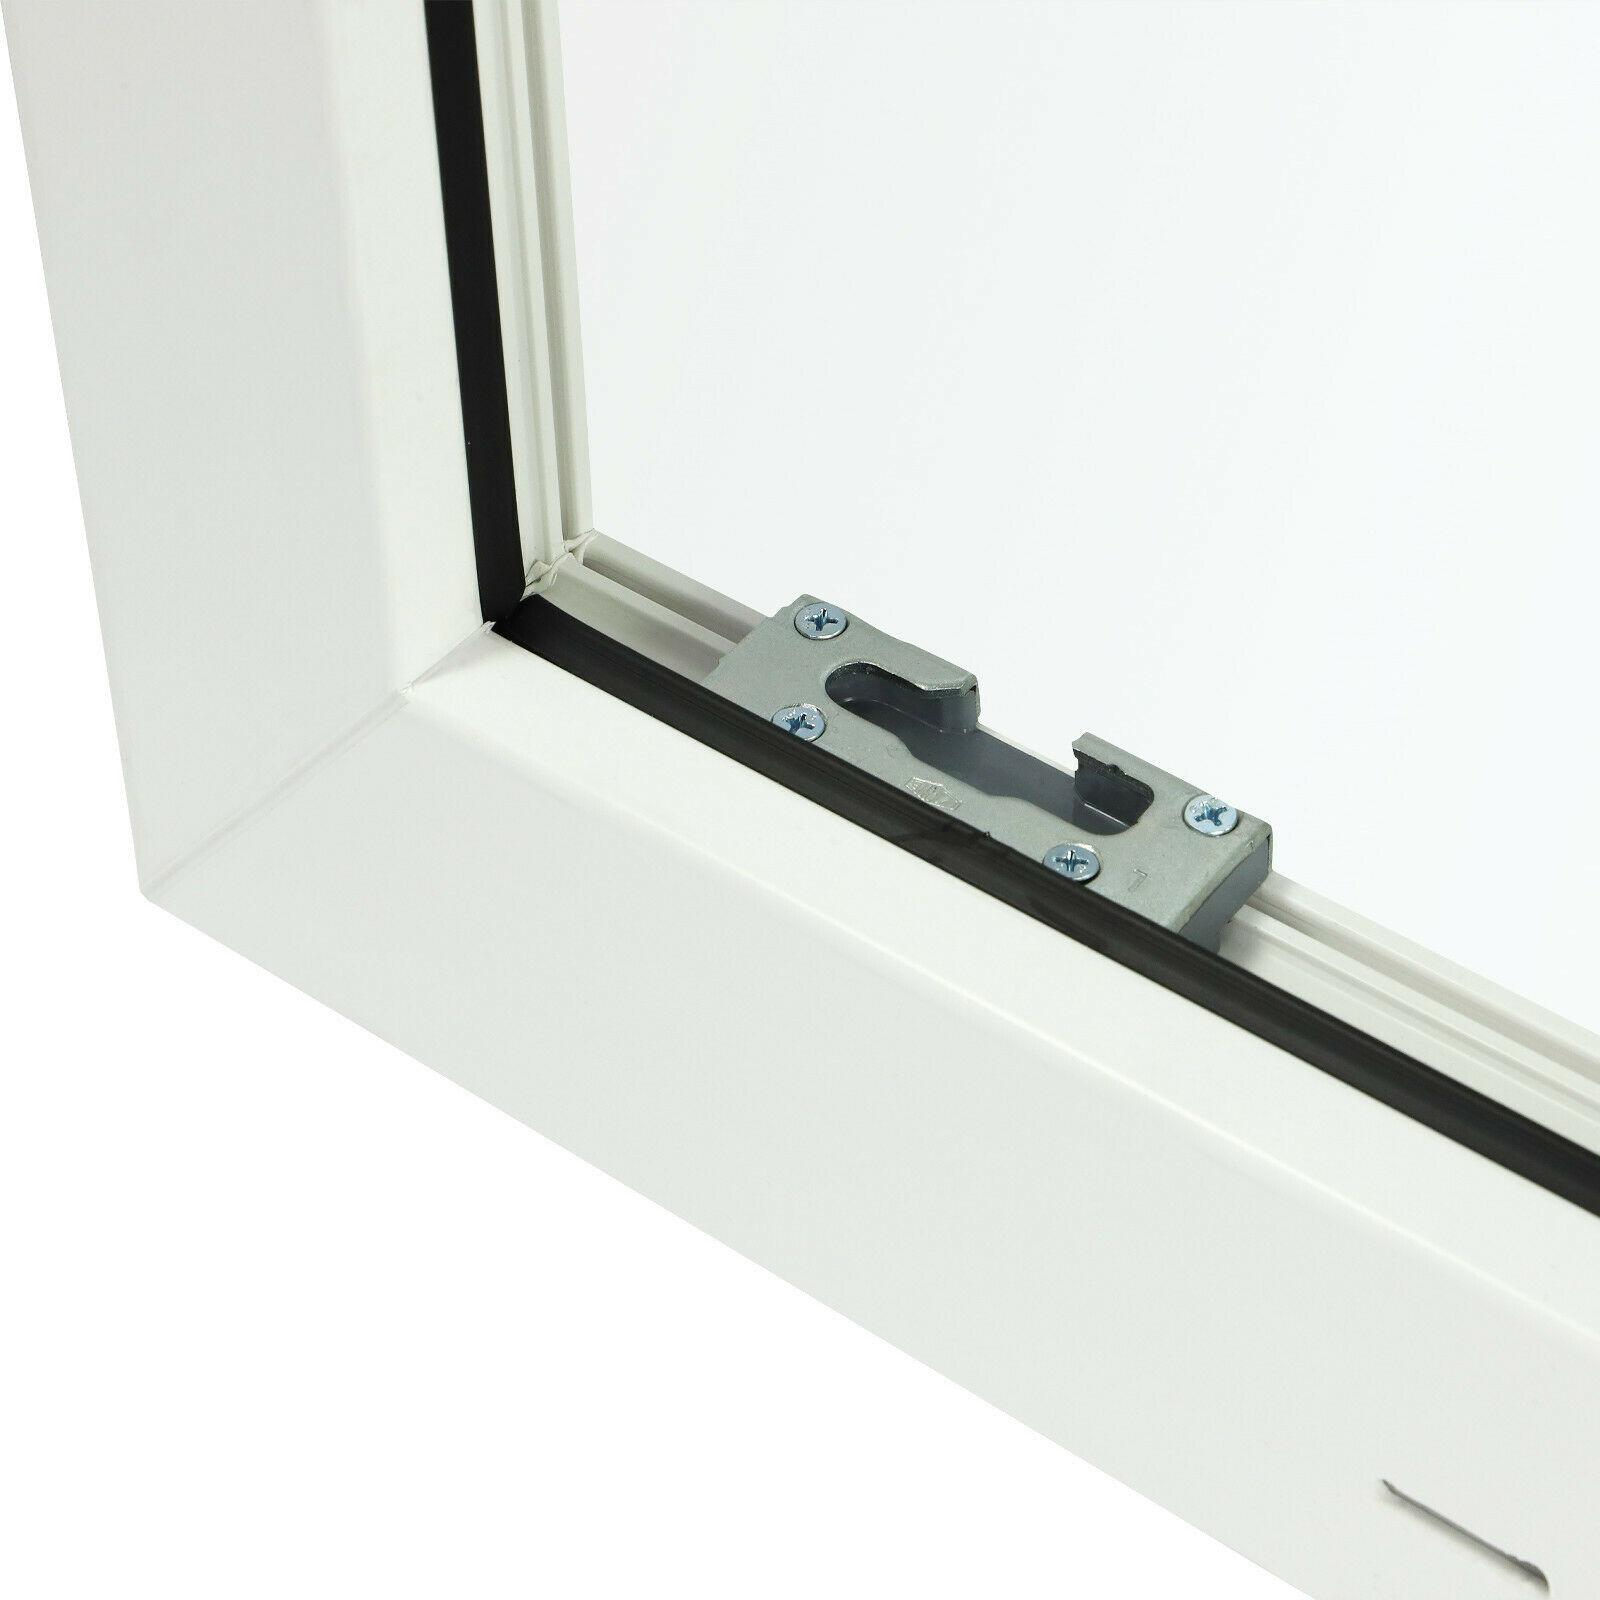 DIN rechts Fenster Kellerfenster Kunststoff wei/ß Lagerware BxH: 100 x 60 cm 3-fach-Verglasung